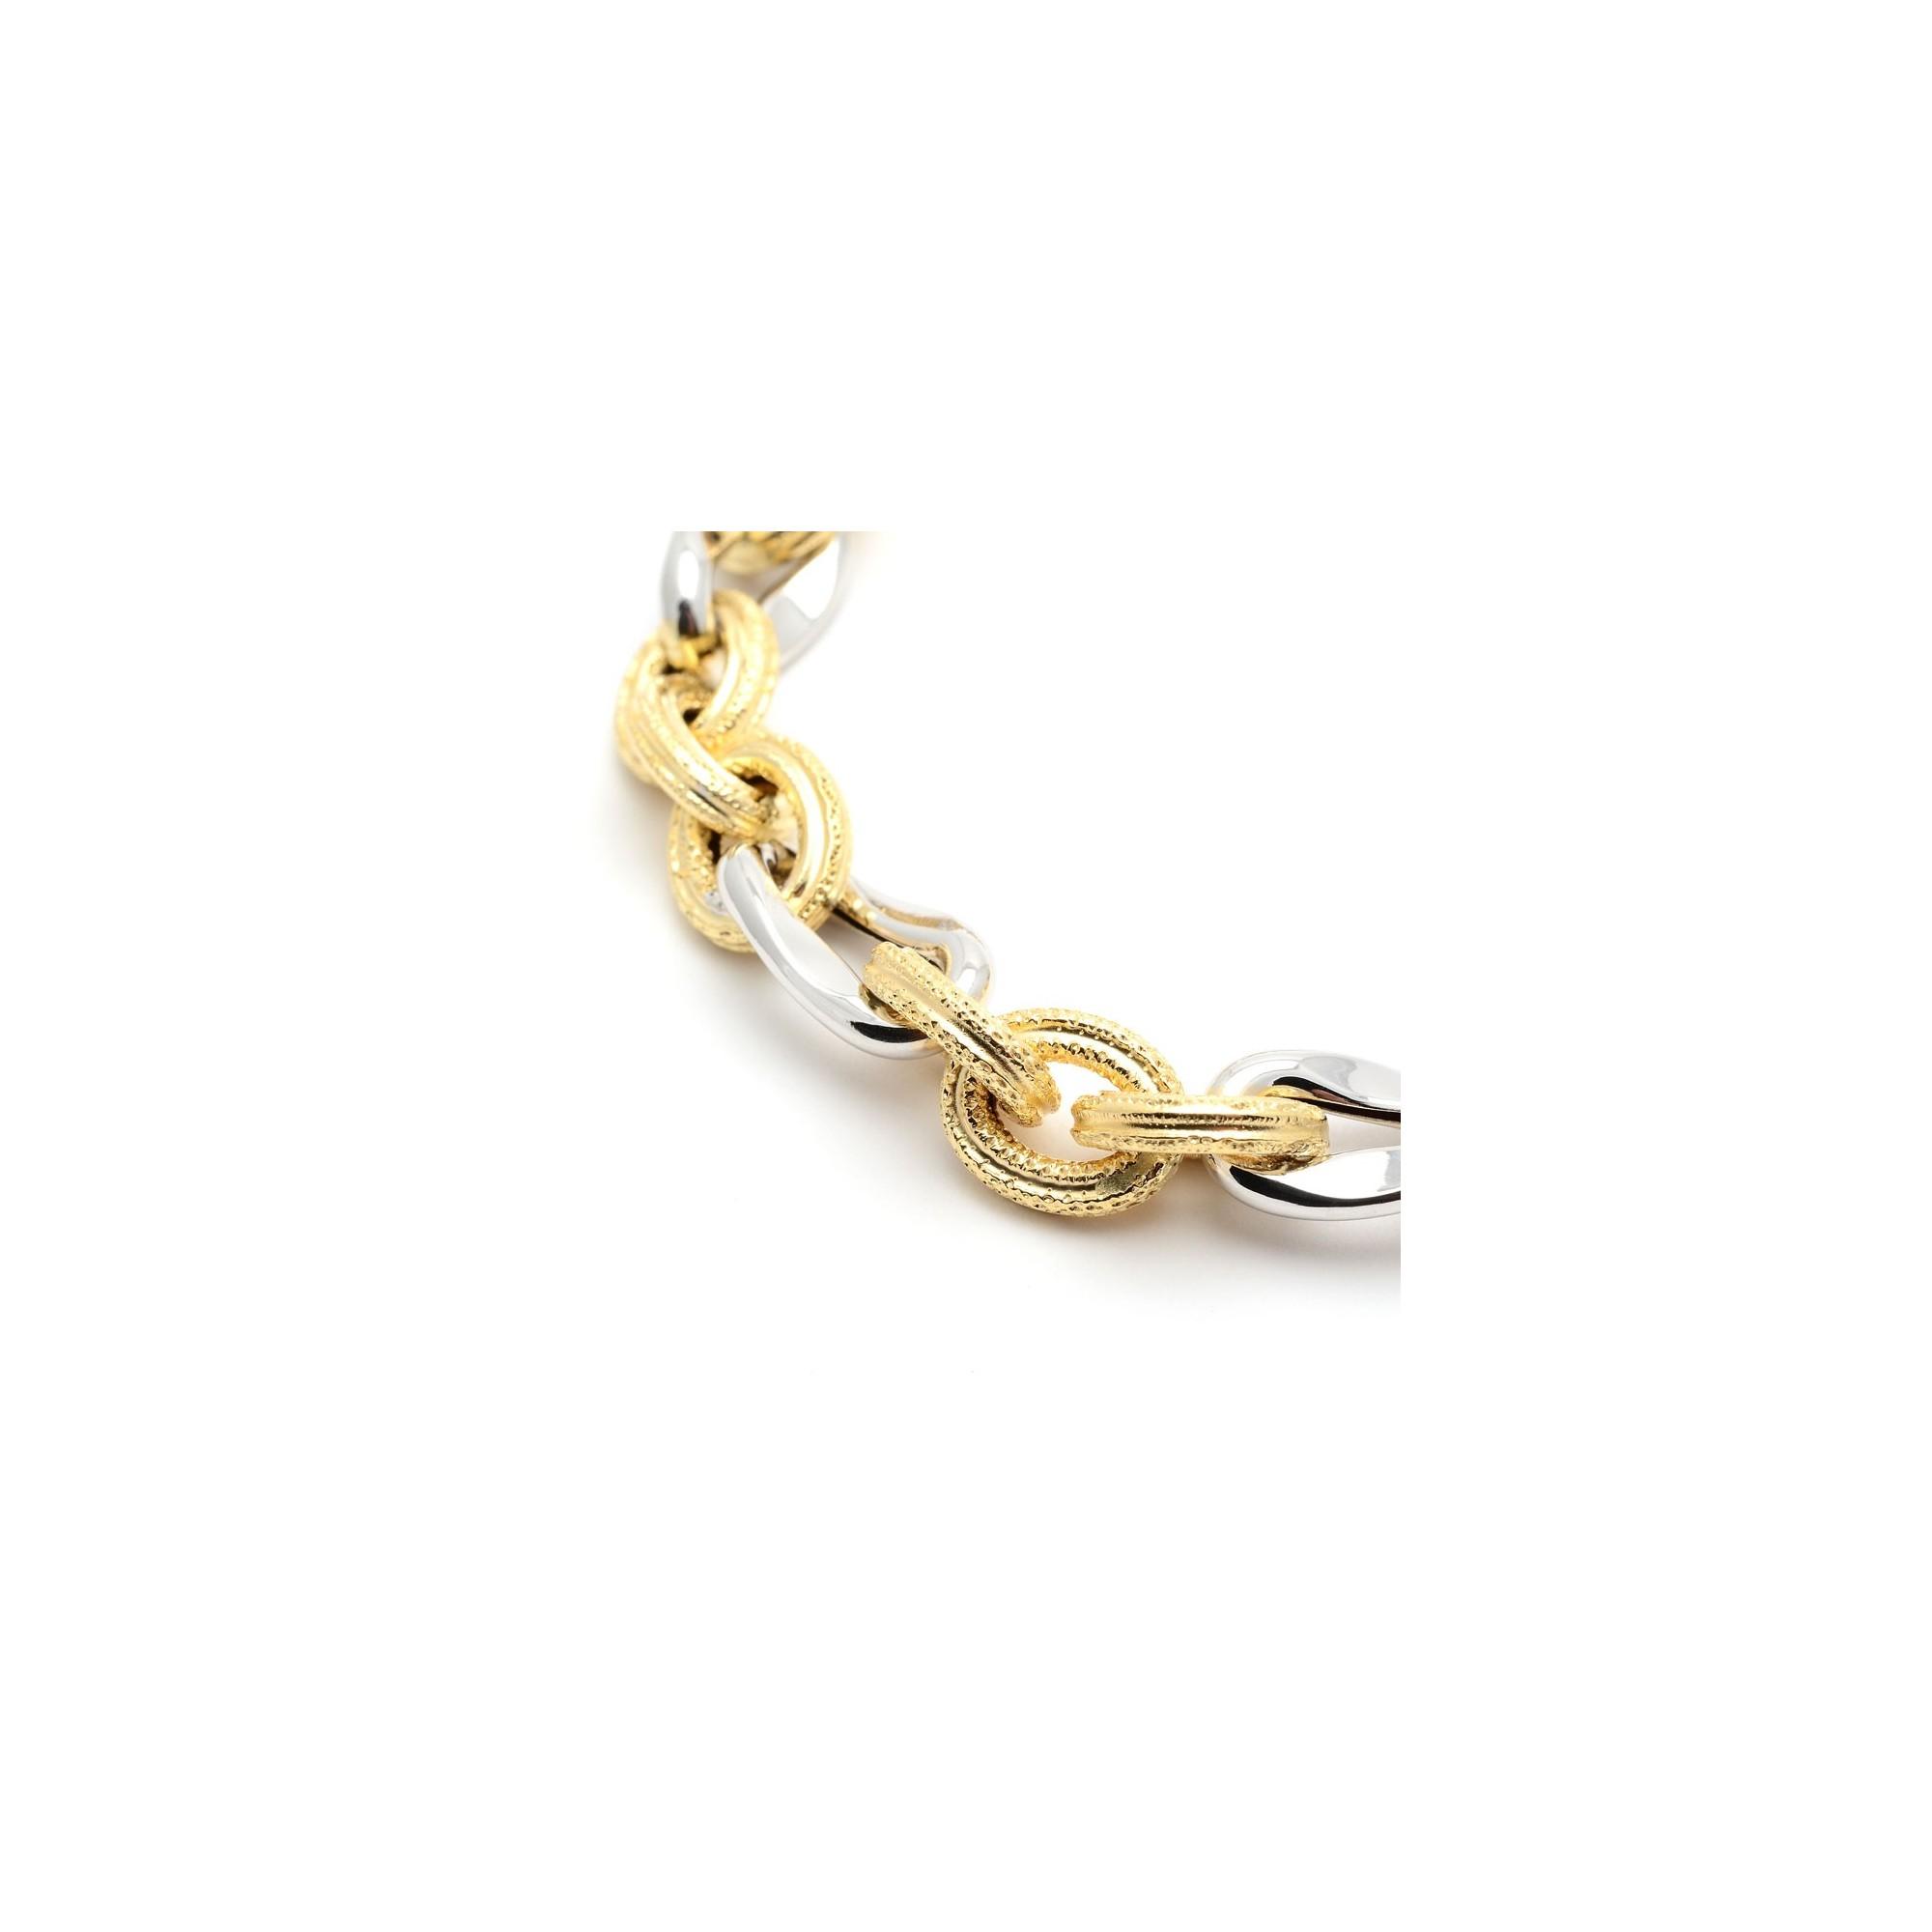 4c2afeaffb06 Pulsera Oro Mujer Eslabones Bicolor